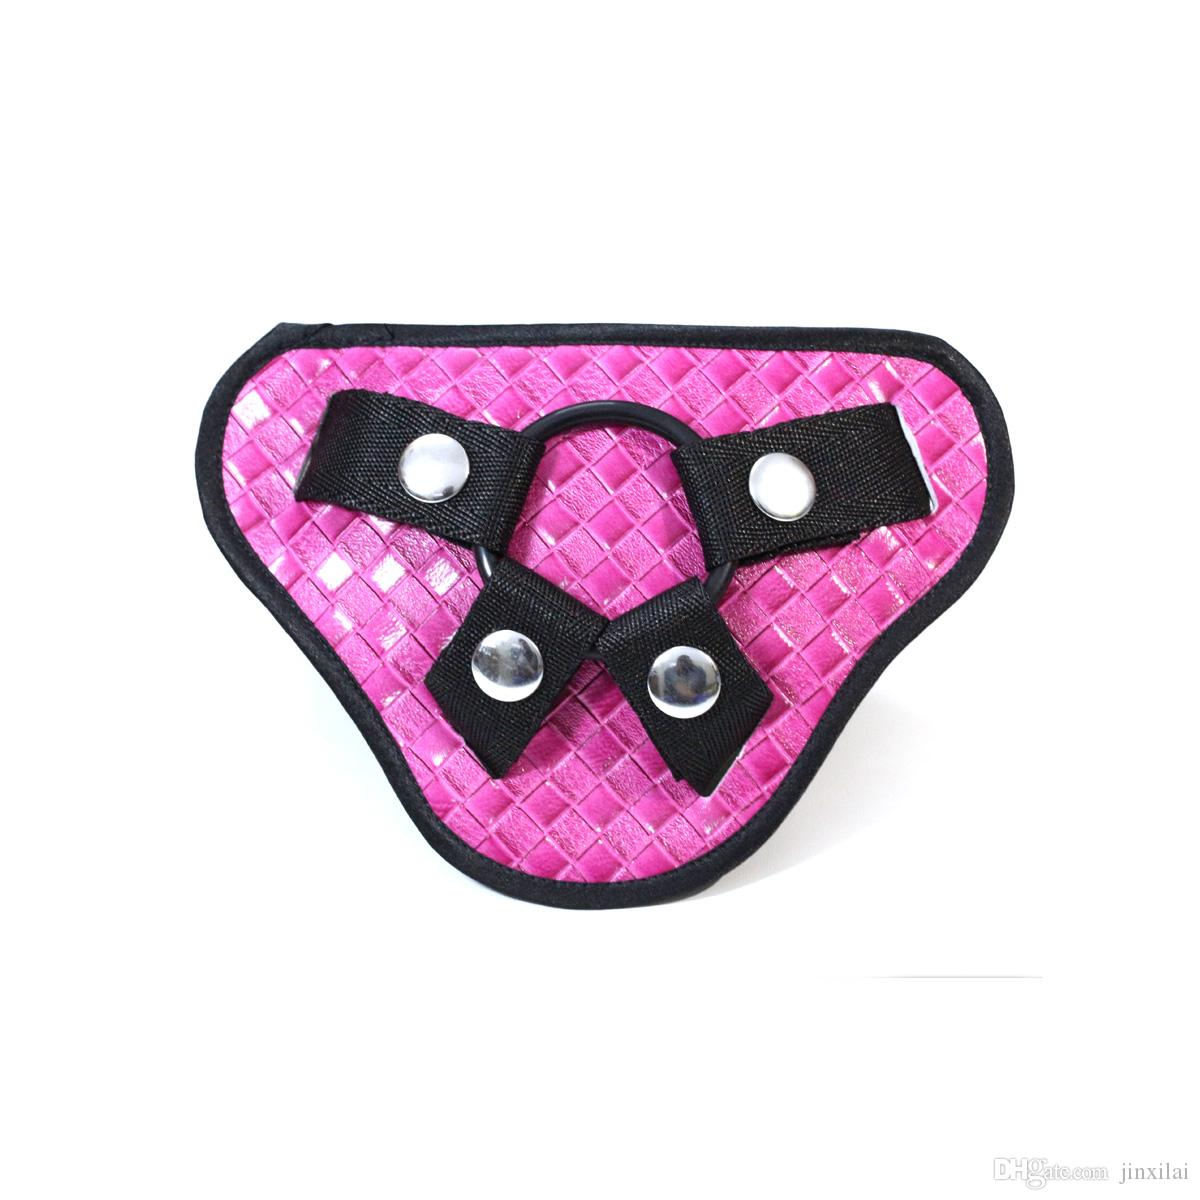 PU su cinturino cinturino Ultra per cinghie di ritenuta Lesbiche dildo di Dildo in pelle flessibili Dildo, Bondage per BXNVM regolabile